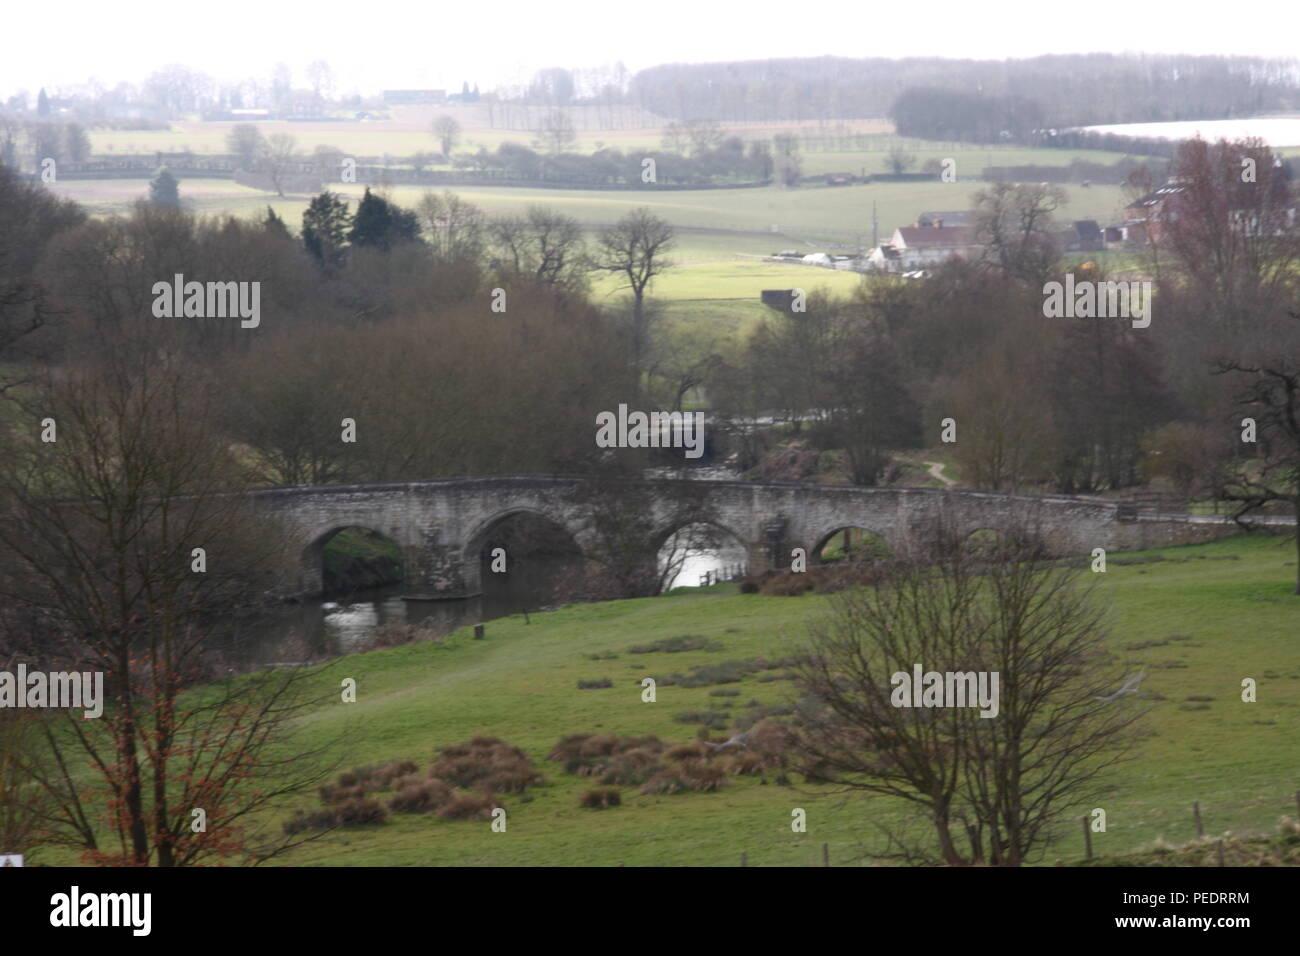 Kent Teston, carretera que cruza el río Medway este antiguo puente de piedra tiene una serie de arcos. Escena de tierras agrícolas con árboles a finales de otoño invierno Foto de stock